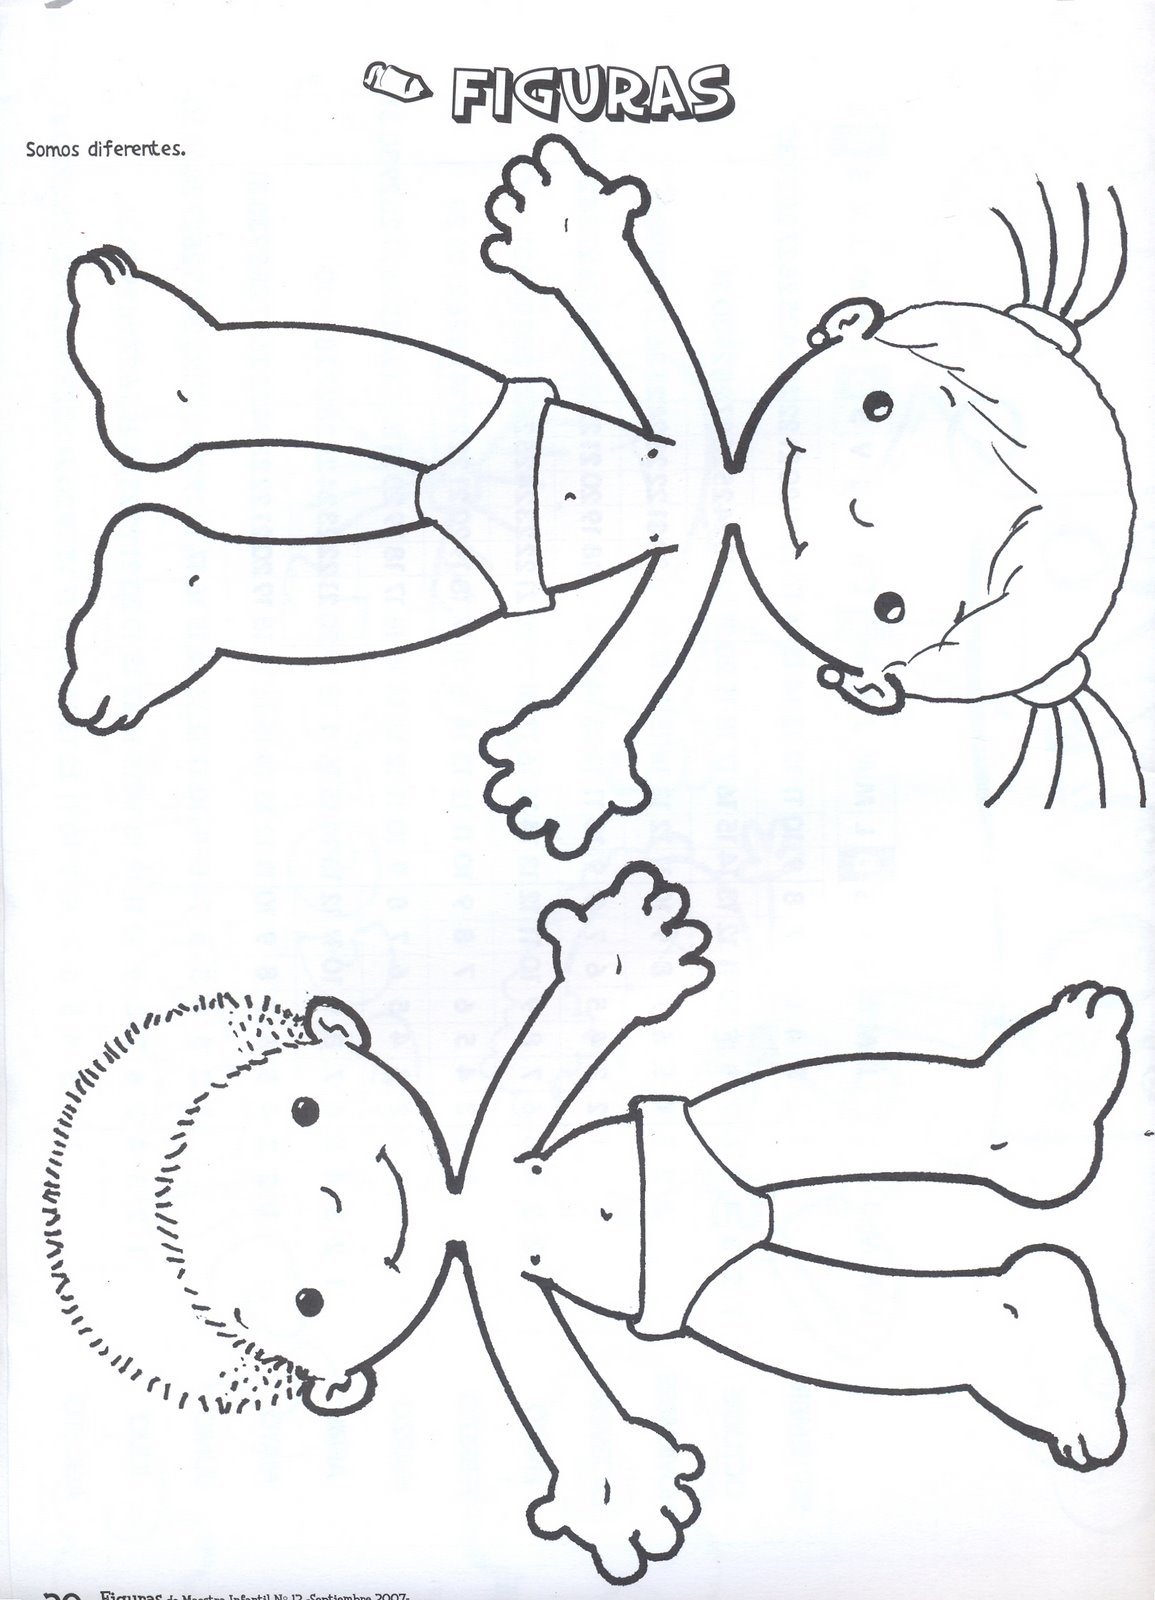 Cuerpo humano dibujo niño - Imagui